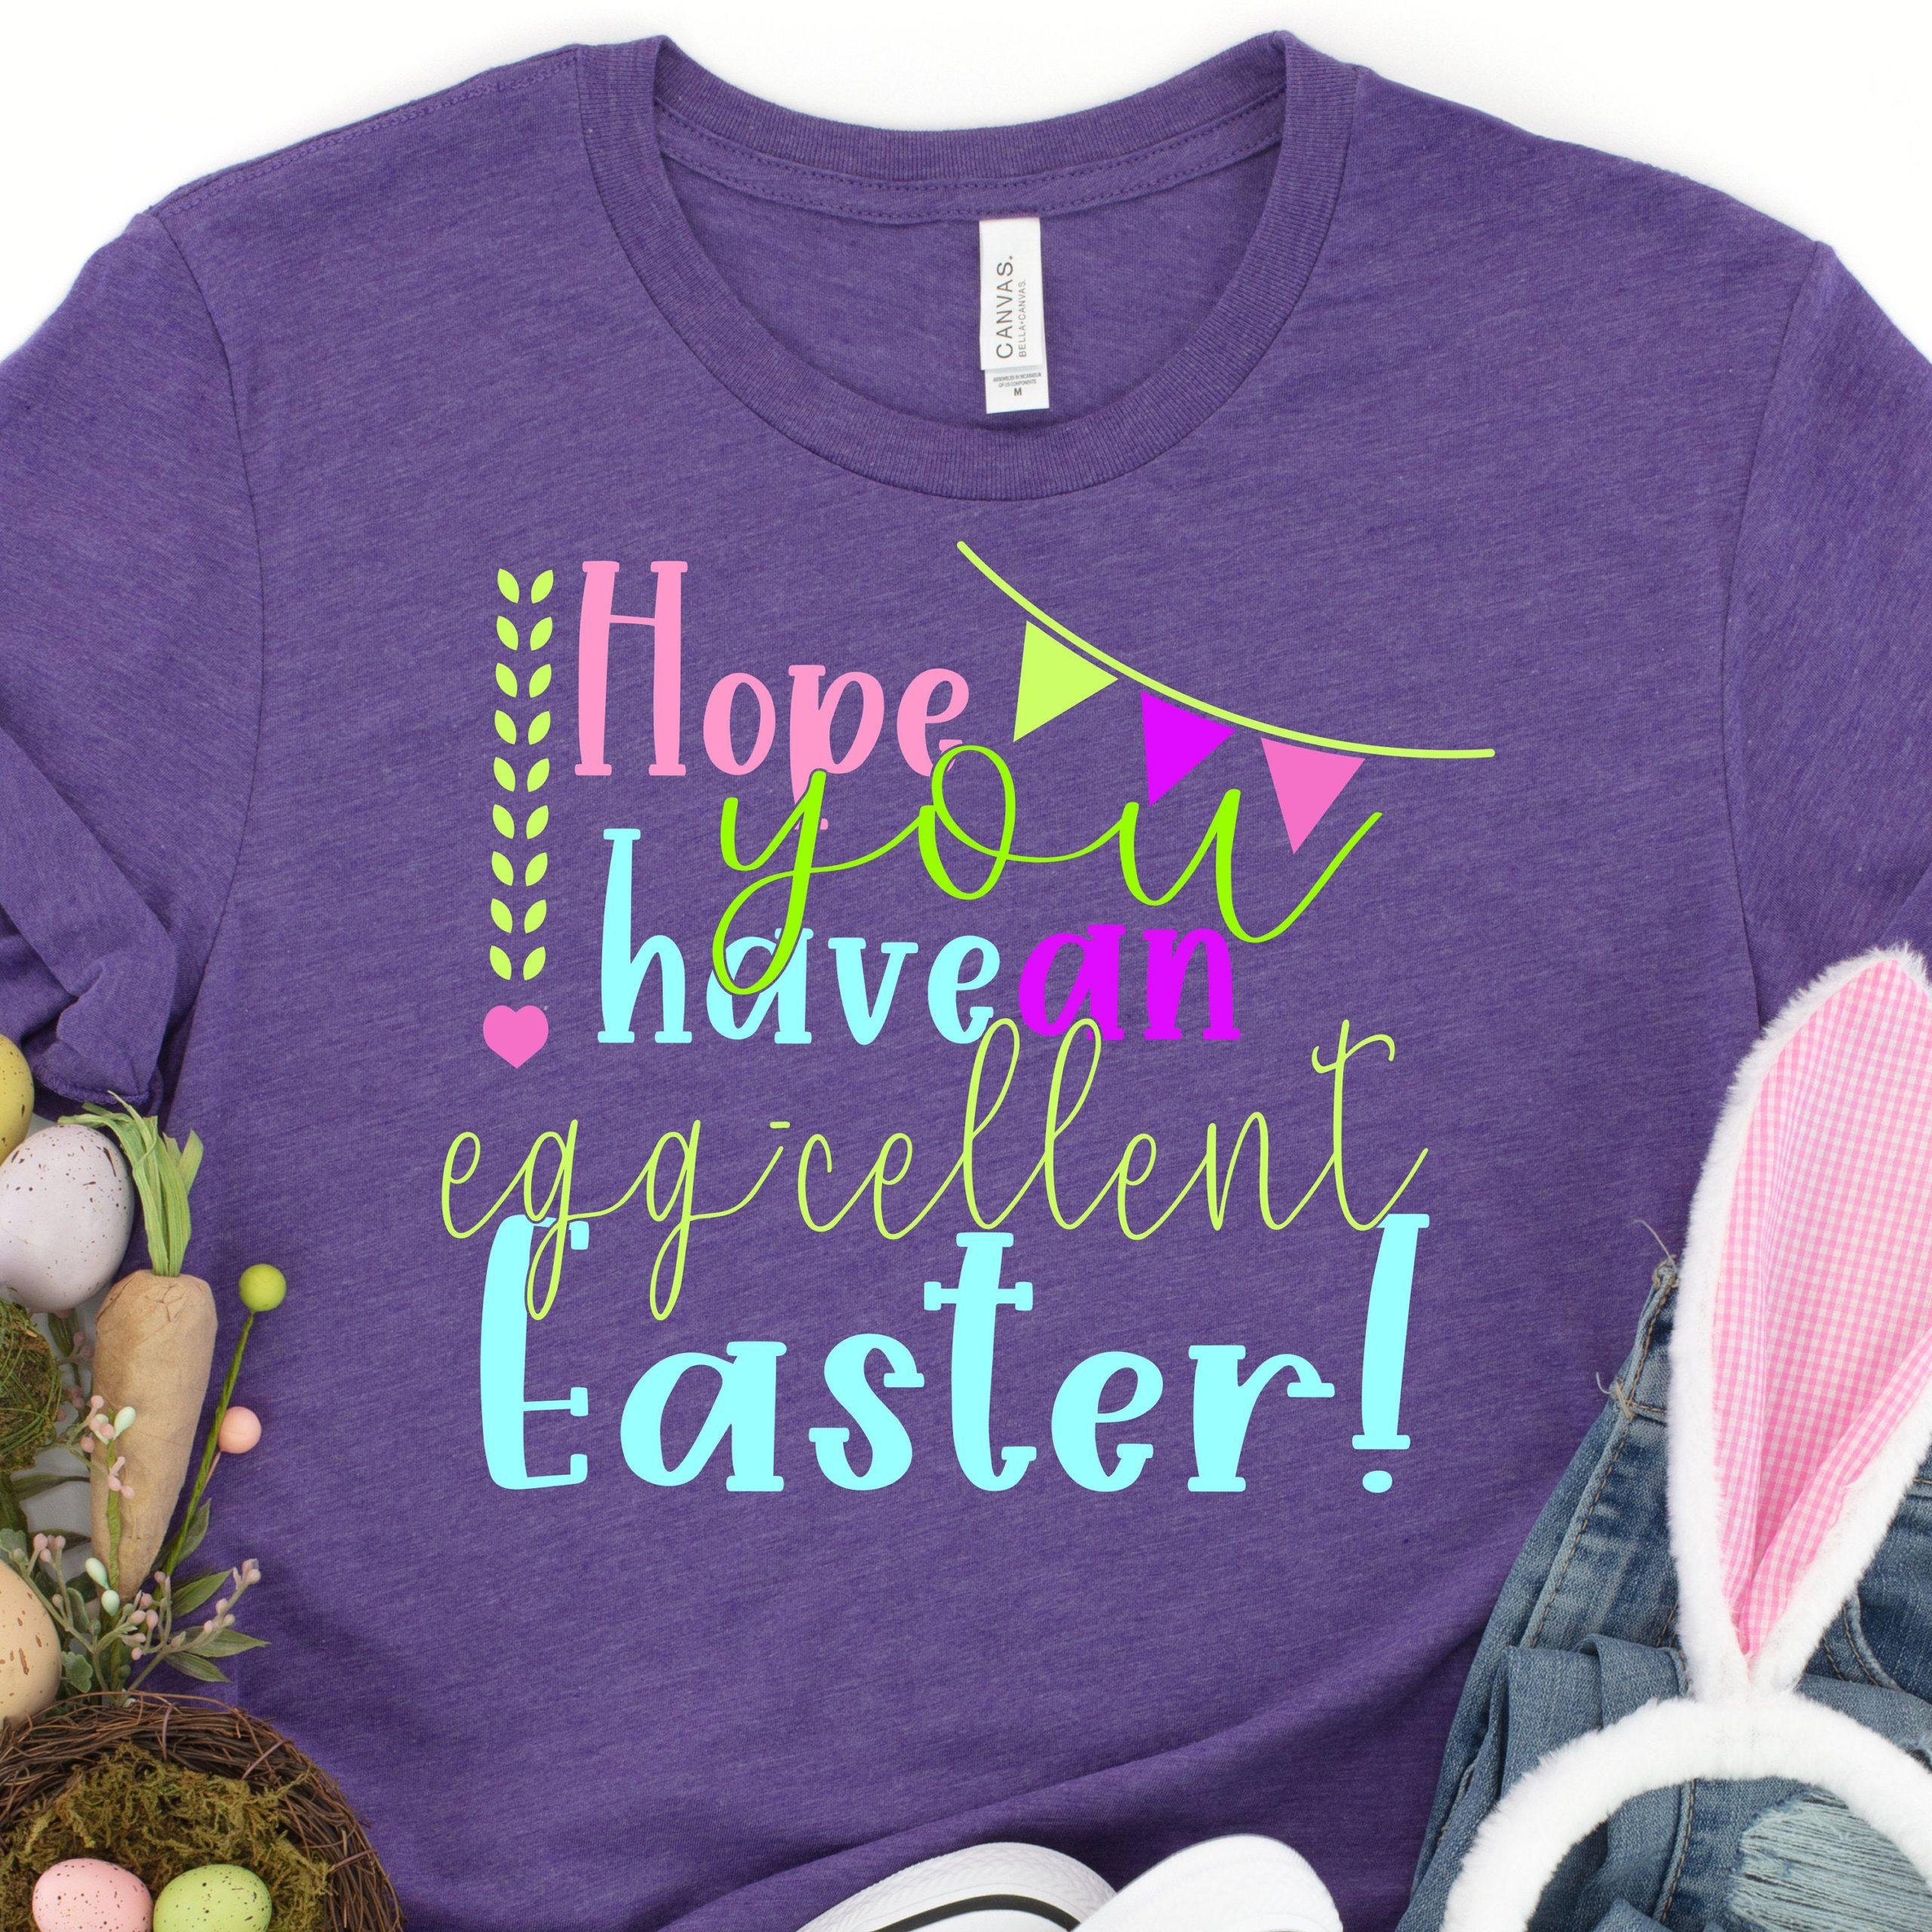 Easter-svg-eggcellent-easter-svg-easter-svgs-easter-bunny-svg-easter-candy-svg-easter-svg-design-easter-cut-file-easter-cricut-svg-60513b7b